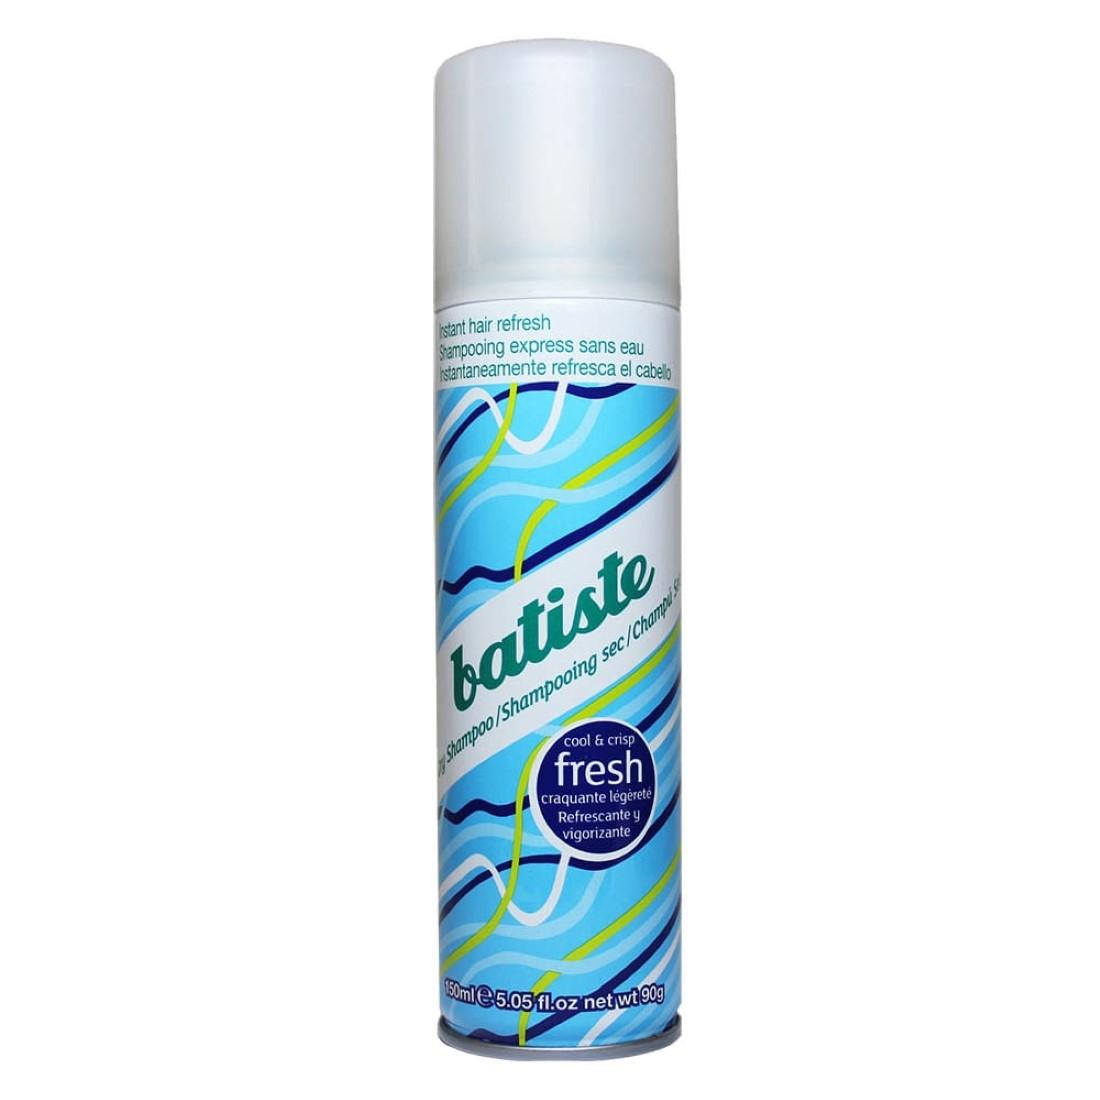 Shampoo a Seco Spray Fresh 150ml - Batiste